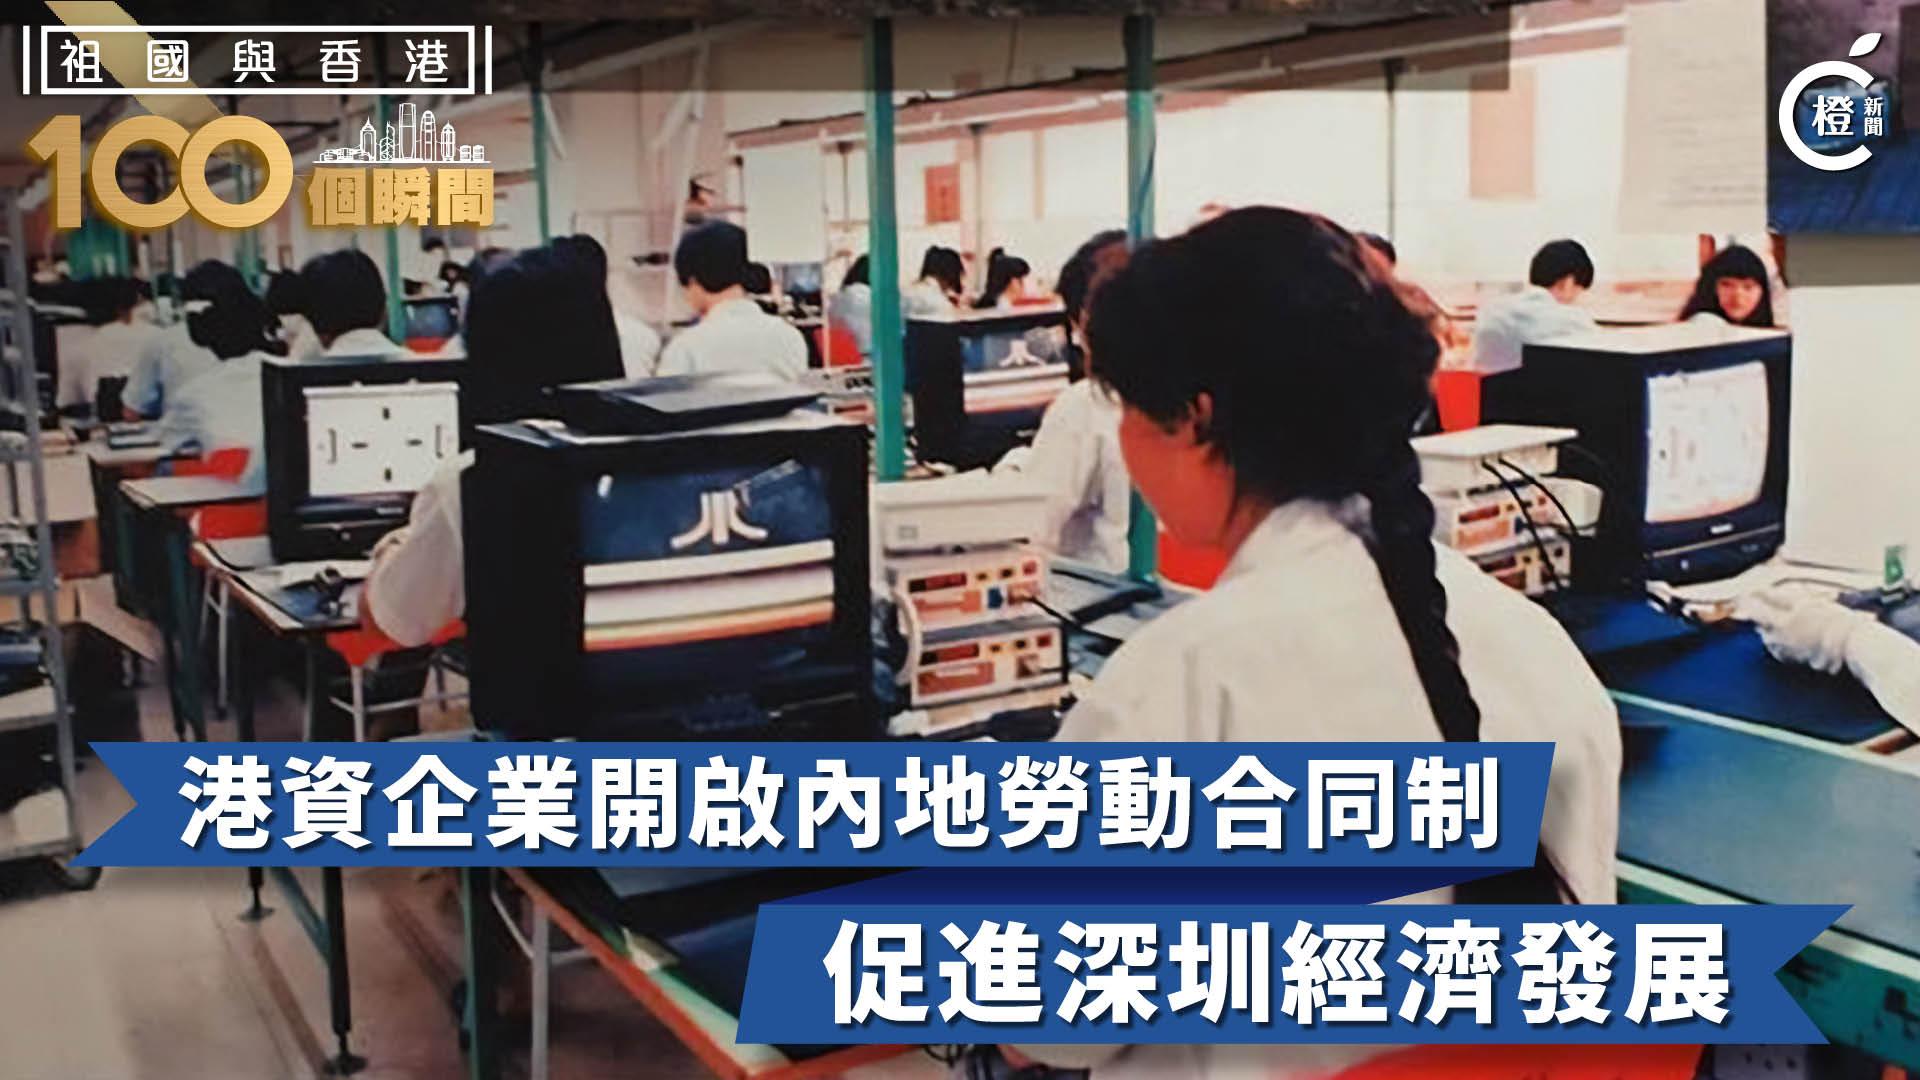 【祖國與香港100個瞬間】港資企業開啟內地勞工合同制 促進深圳經濟發展